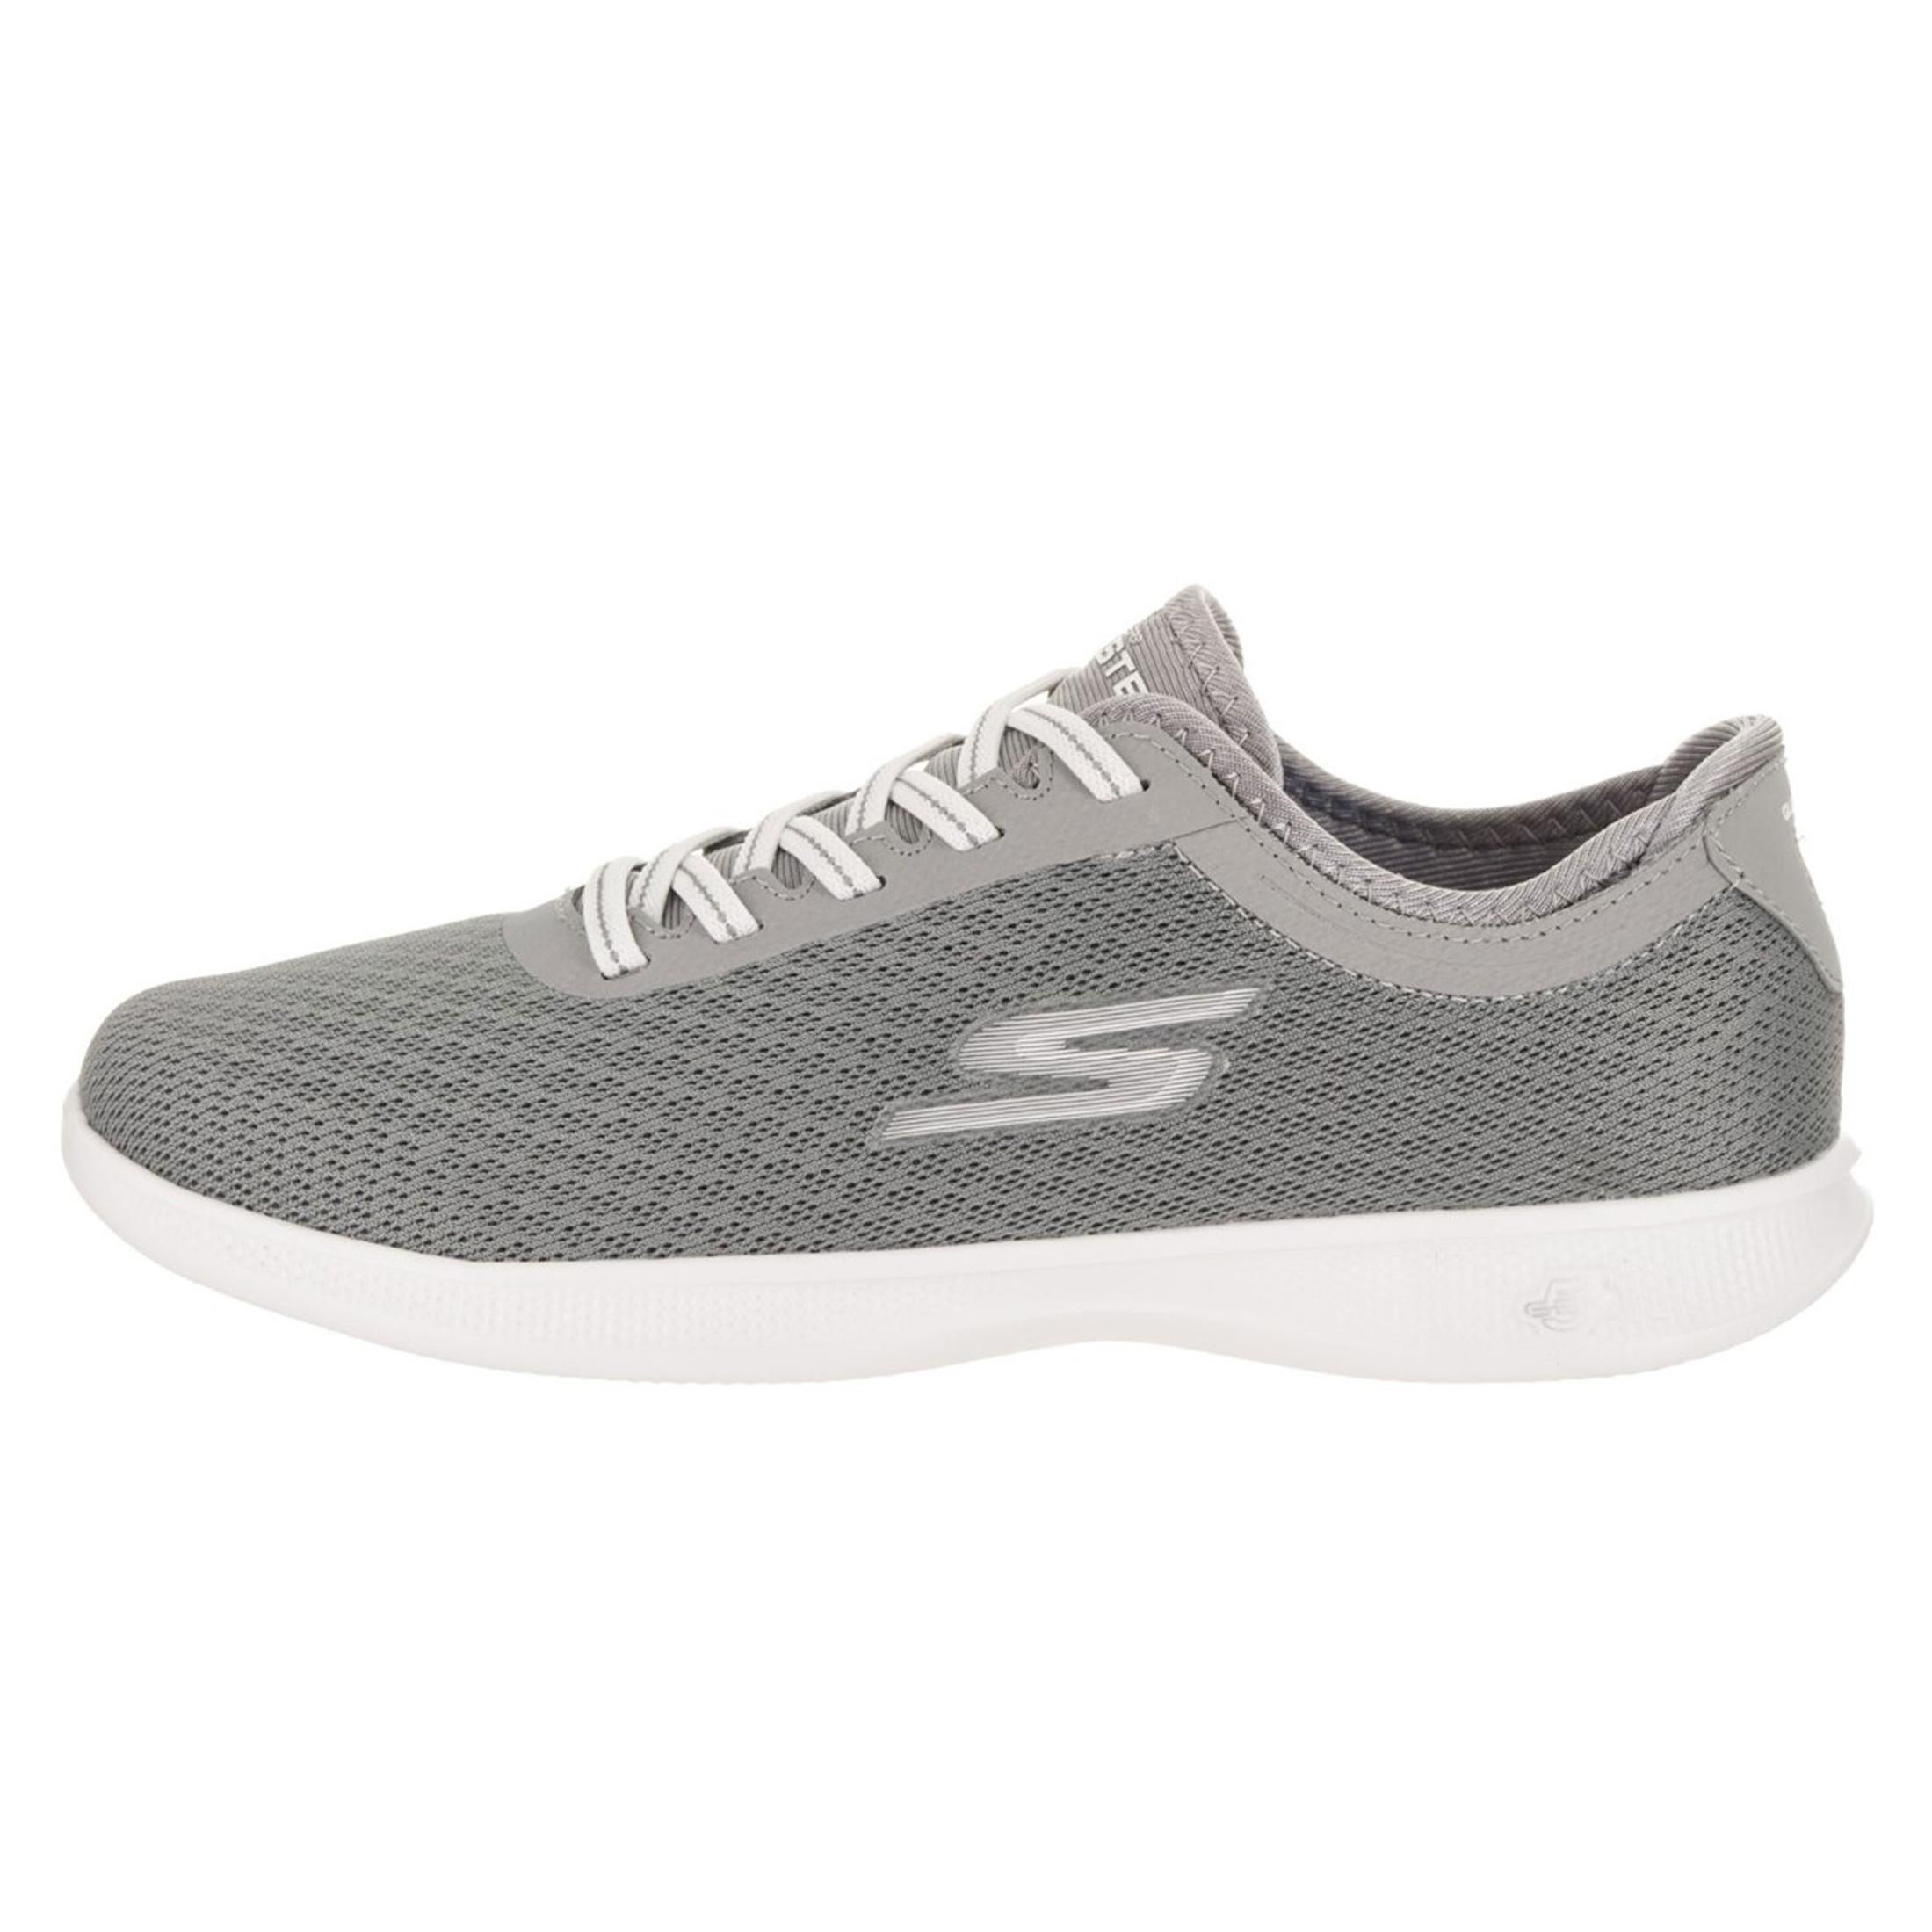 کفش پیاده روی بندی زنانه GO STEP Lite - اسکچرز